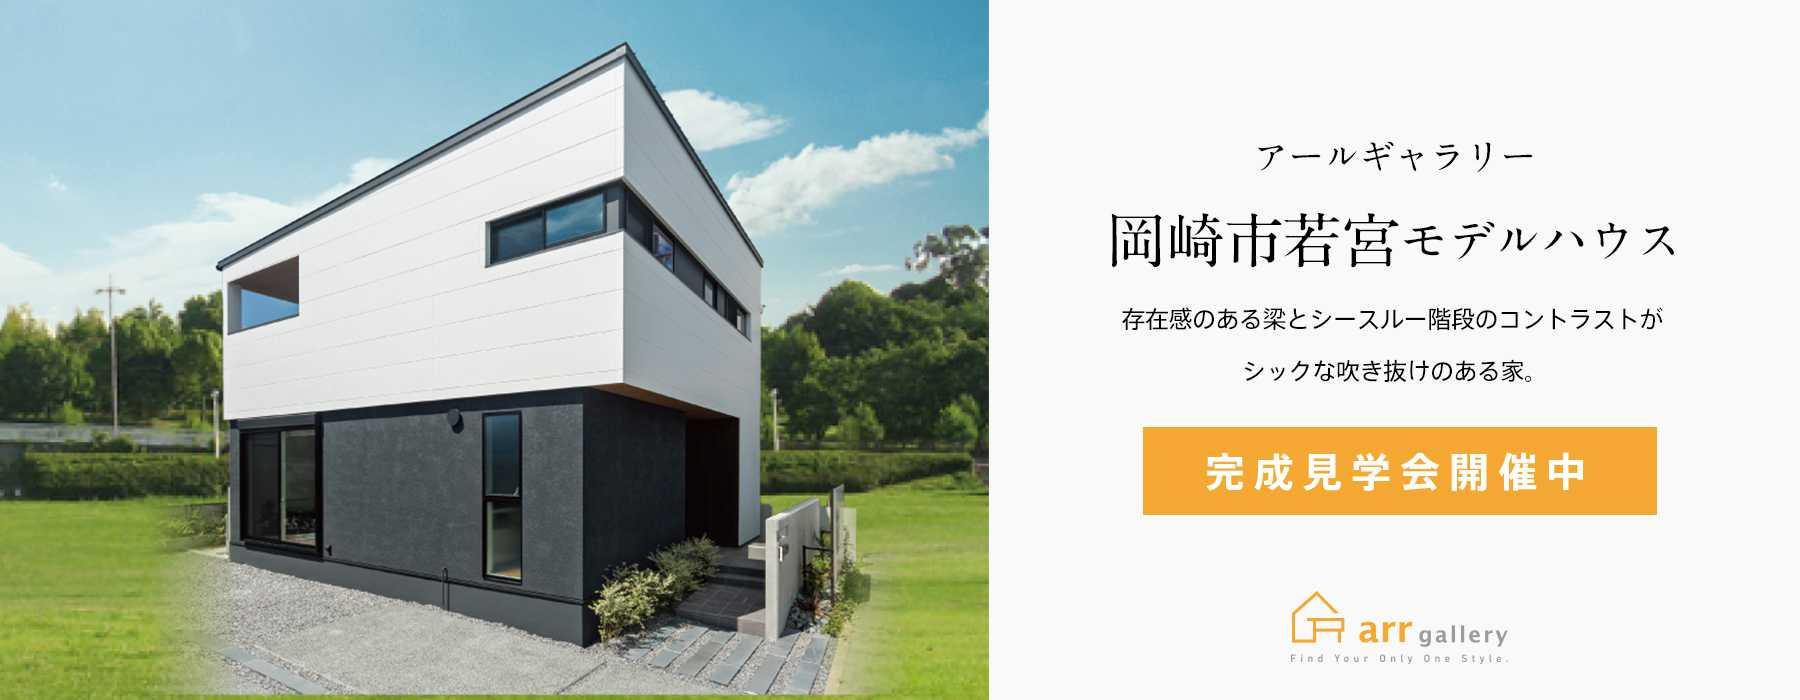 岡崎市若宮モデルハウス